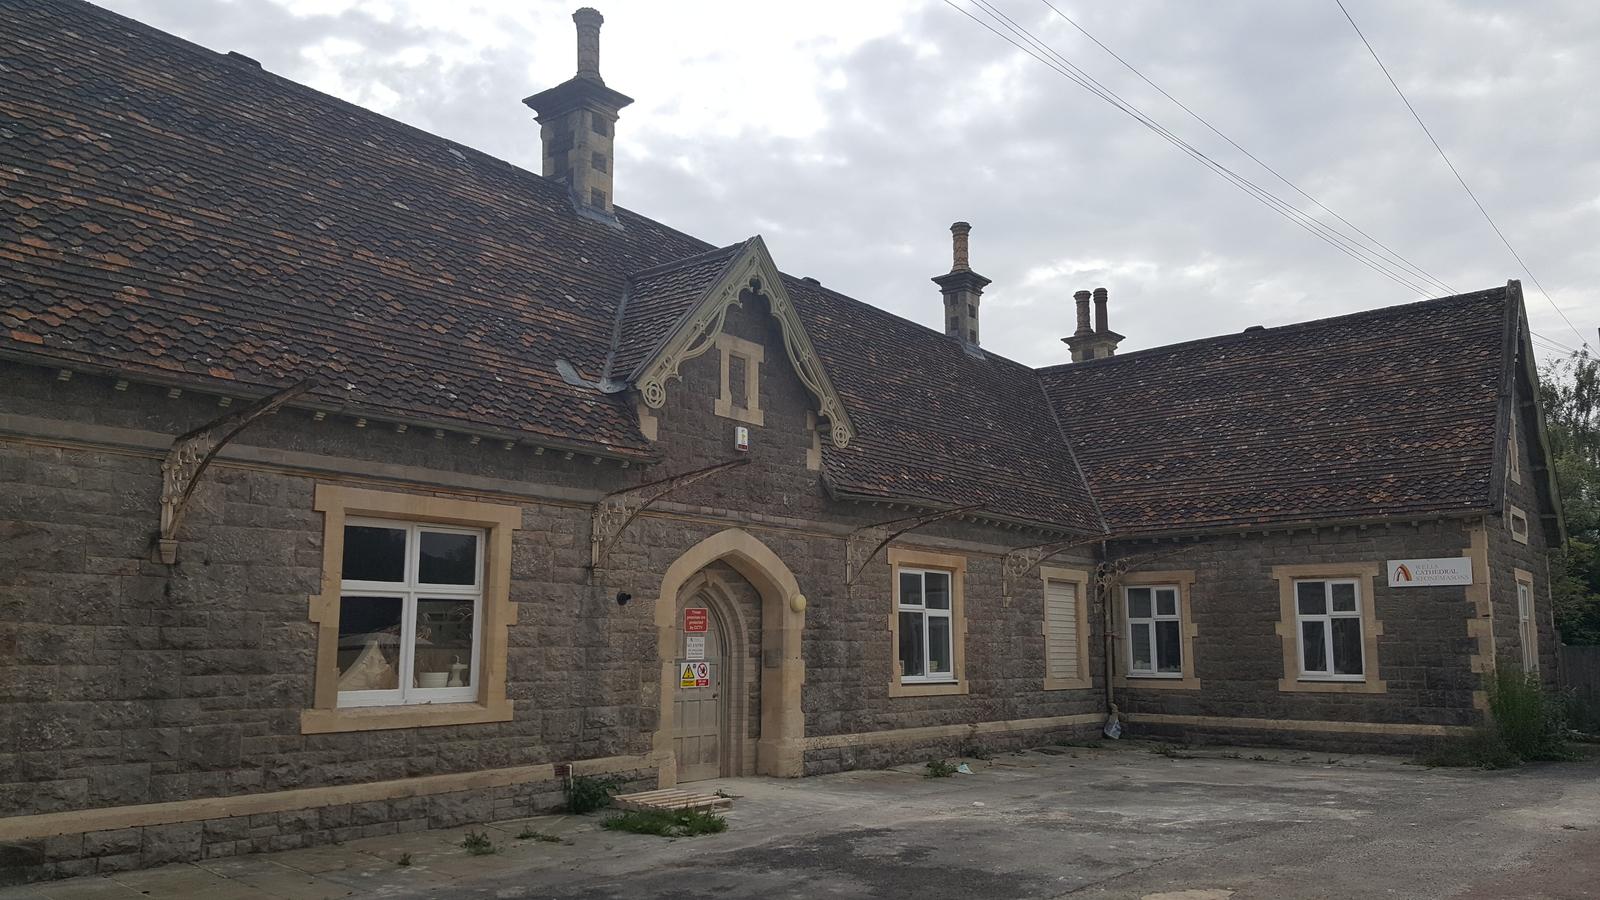 Cheddar Railway Station Building